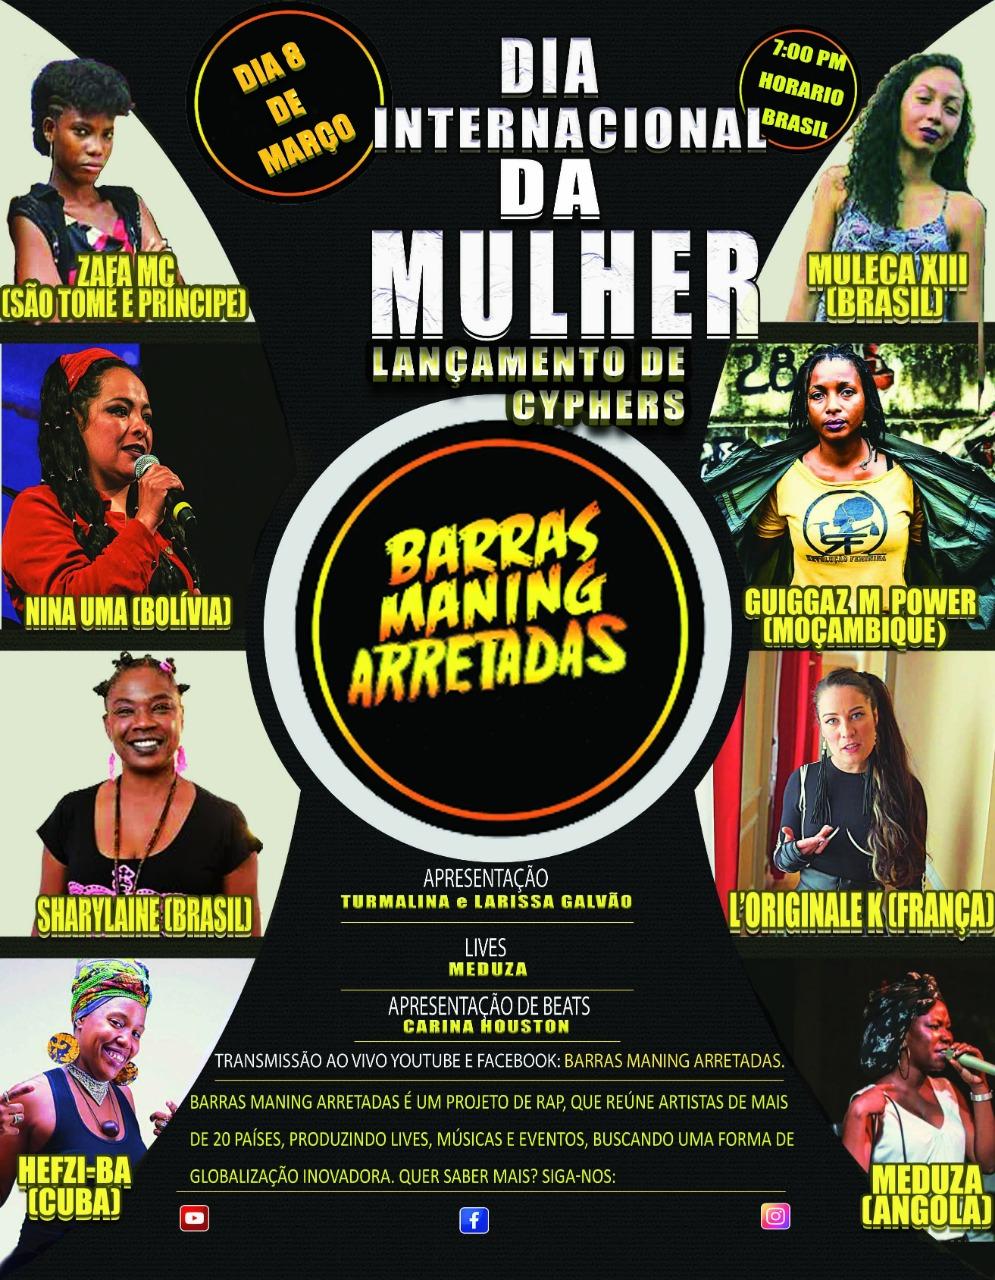 Meduza escolhida para representar rappers angolanas no cypher do Dia Internacional da Mulher